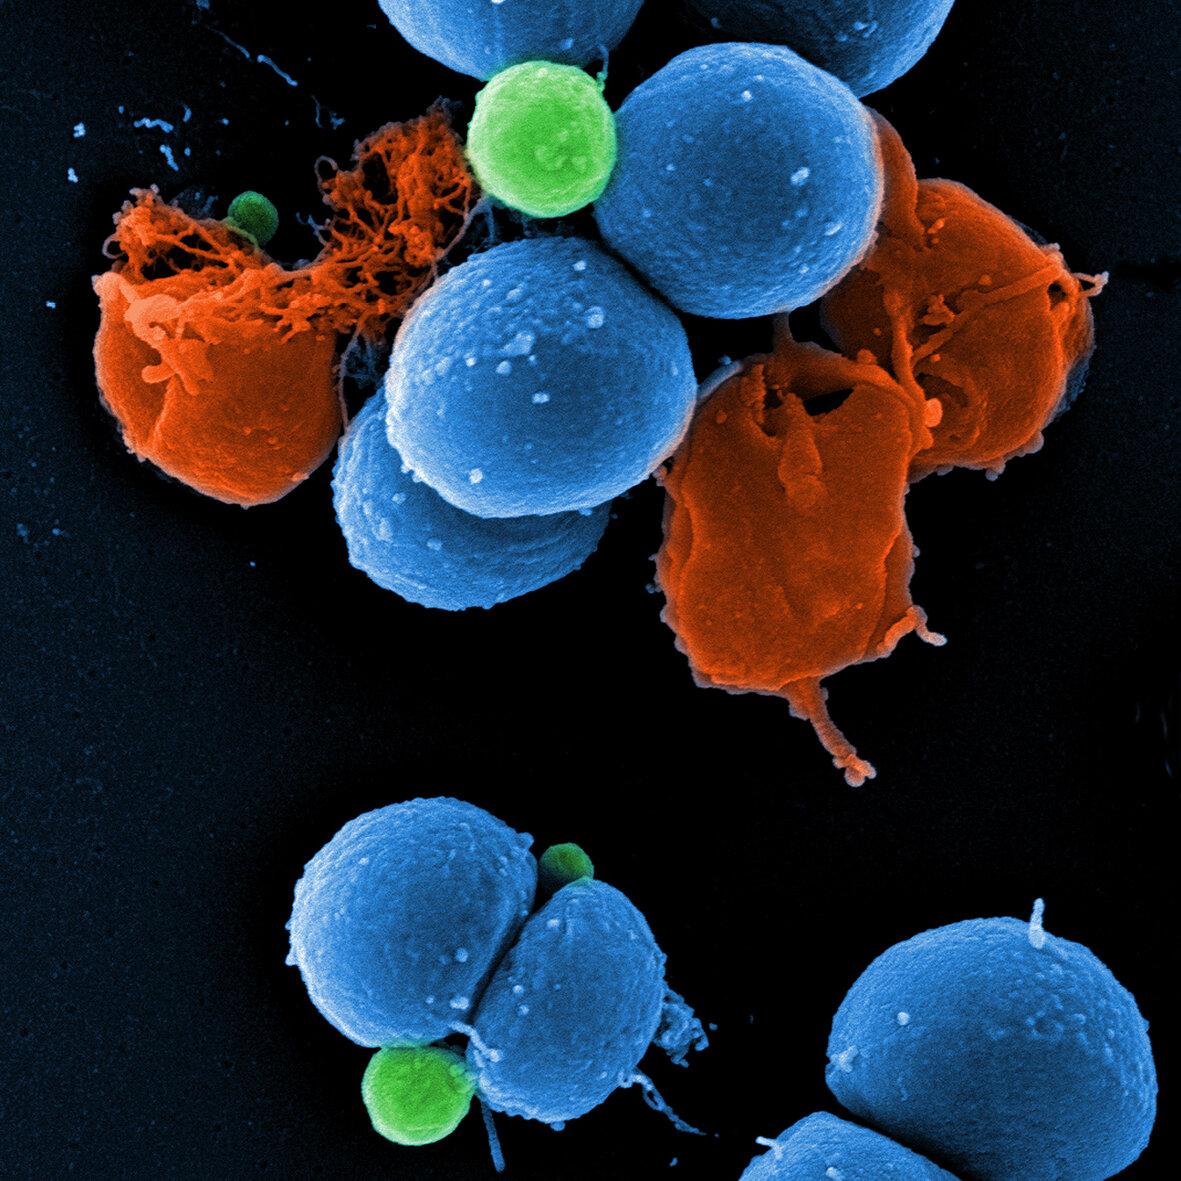 كيف يؤمن تطوير الجراثيم لترسانات المضادات الحيوية خططًا دوائية جديدة - نوعين مختلفين من الجراثيم قد طورا ترسانات متميزة وقوية من مضادات حيوية